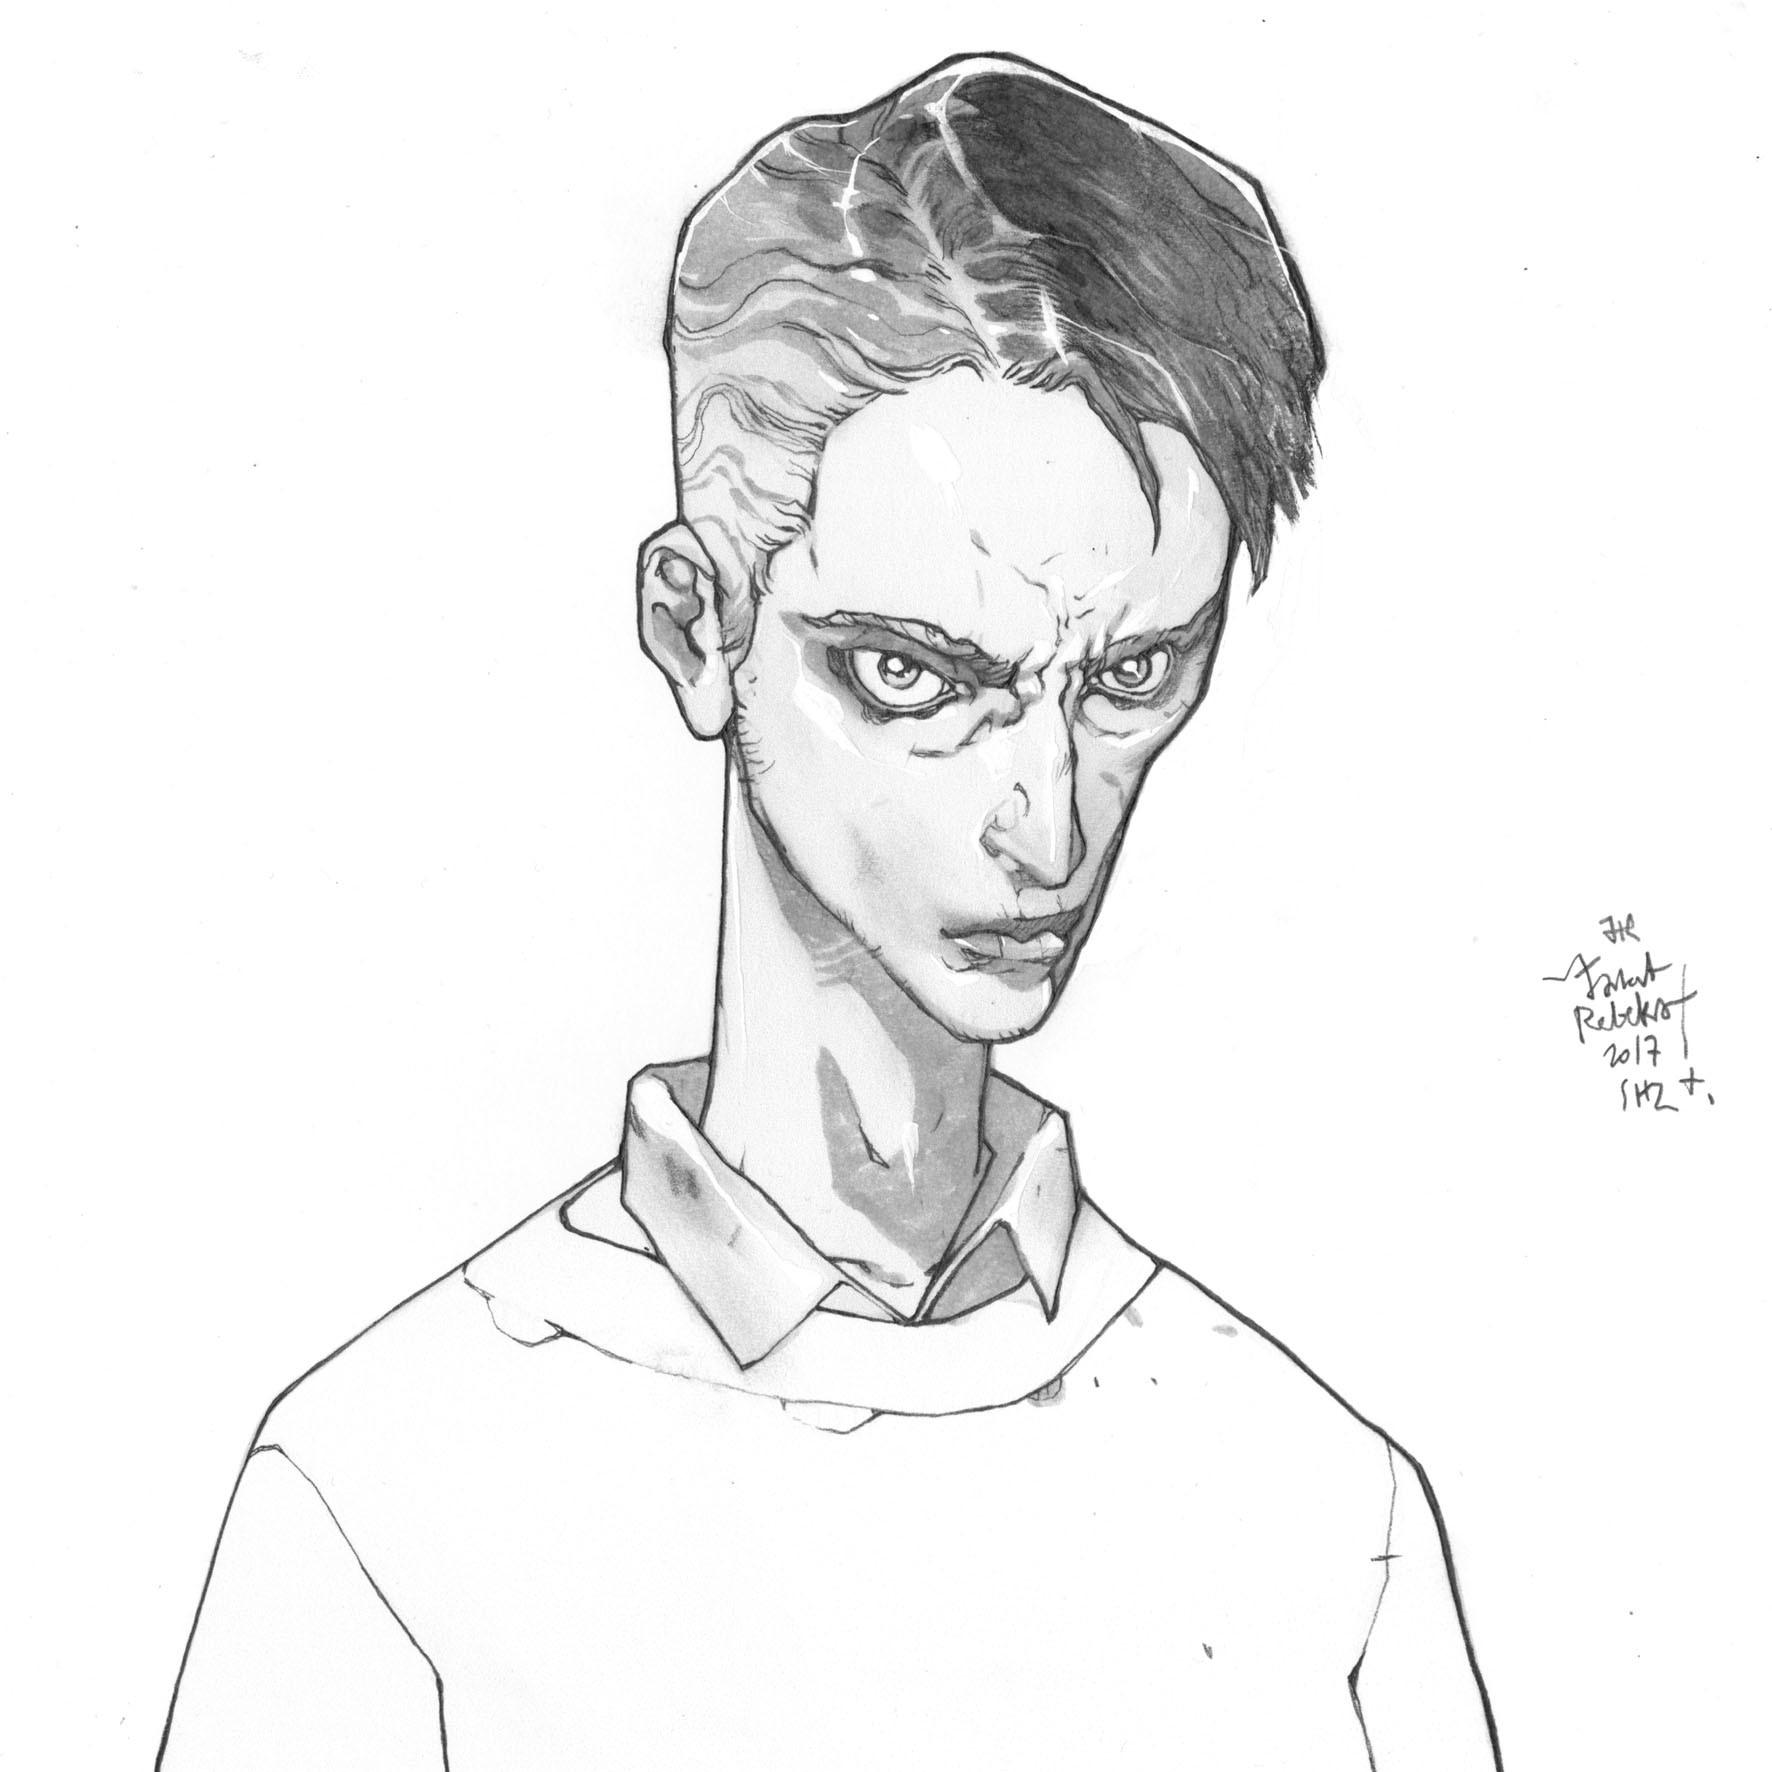 Jakub rebelka cure sketch